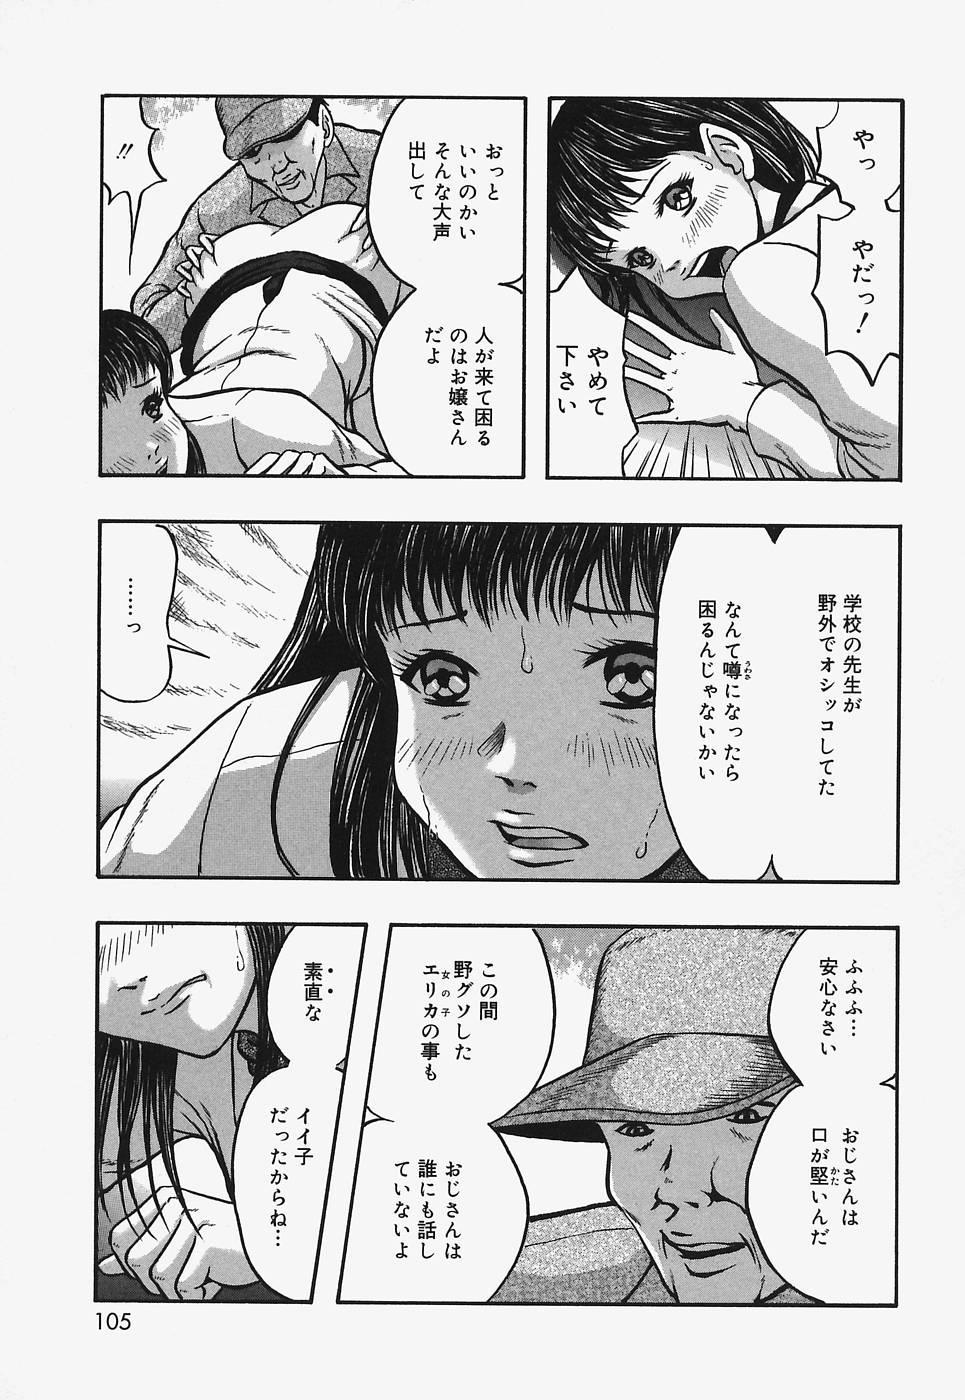 Nurunuru Syoujyo Jiru 104